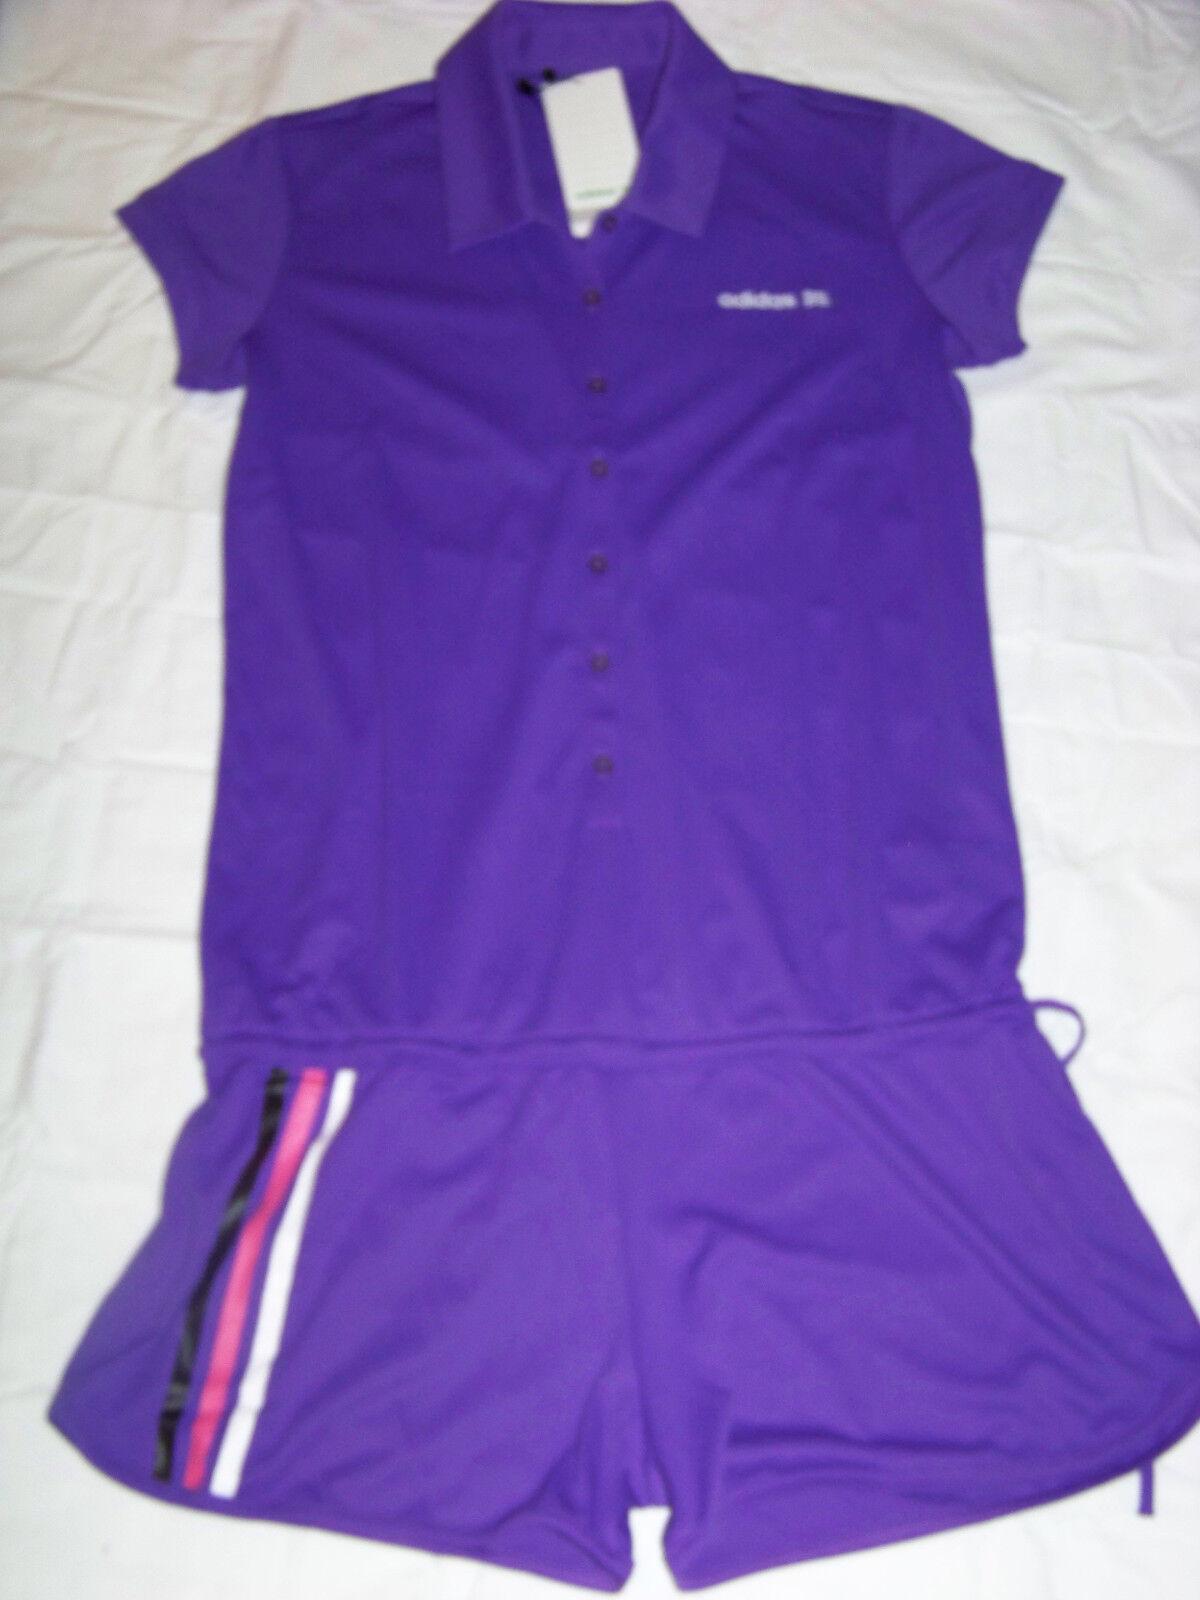 Adidas Women s Romper NWT Retail $ 70 Medium